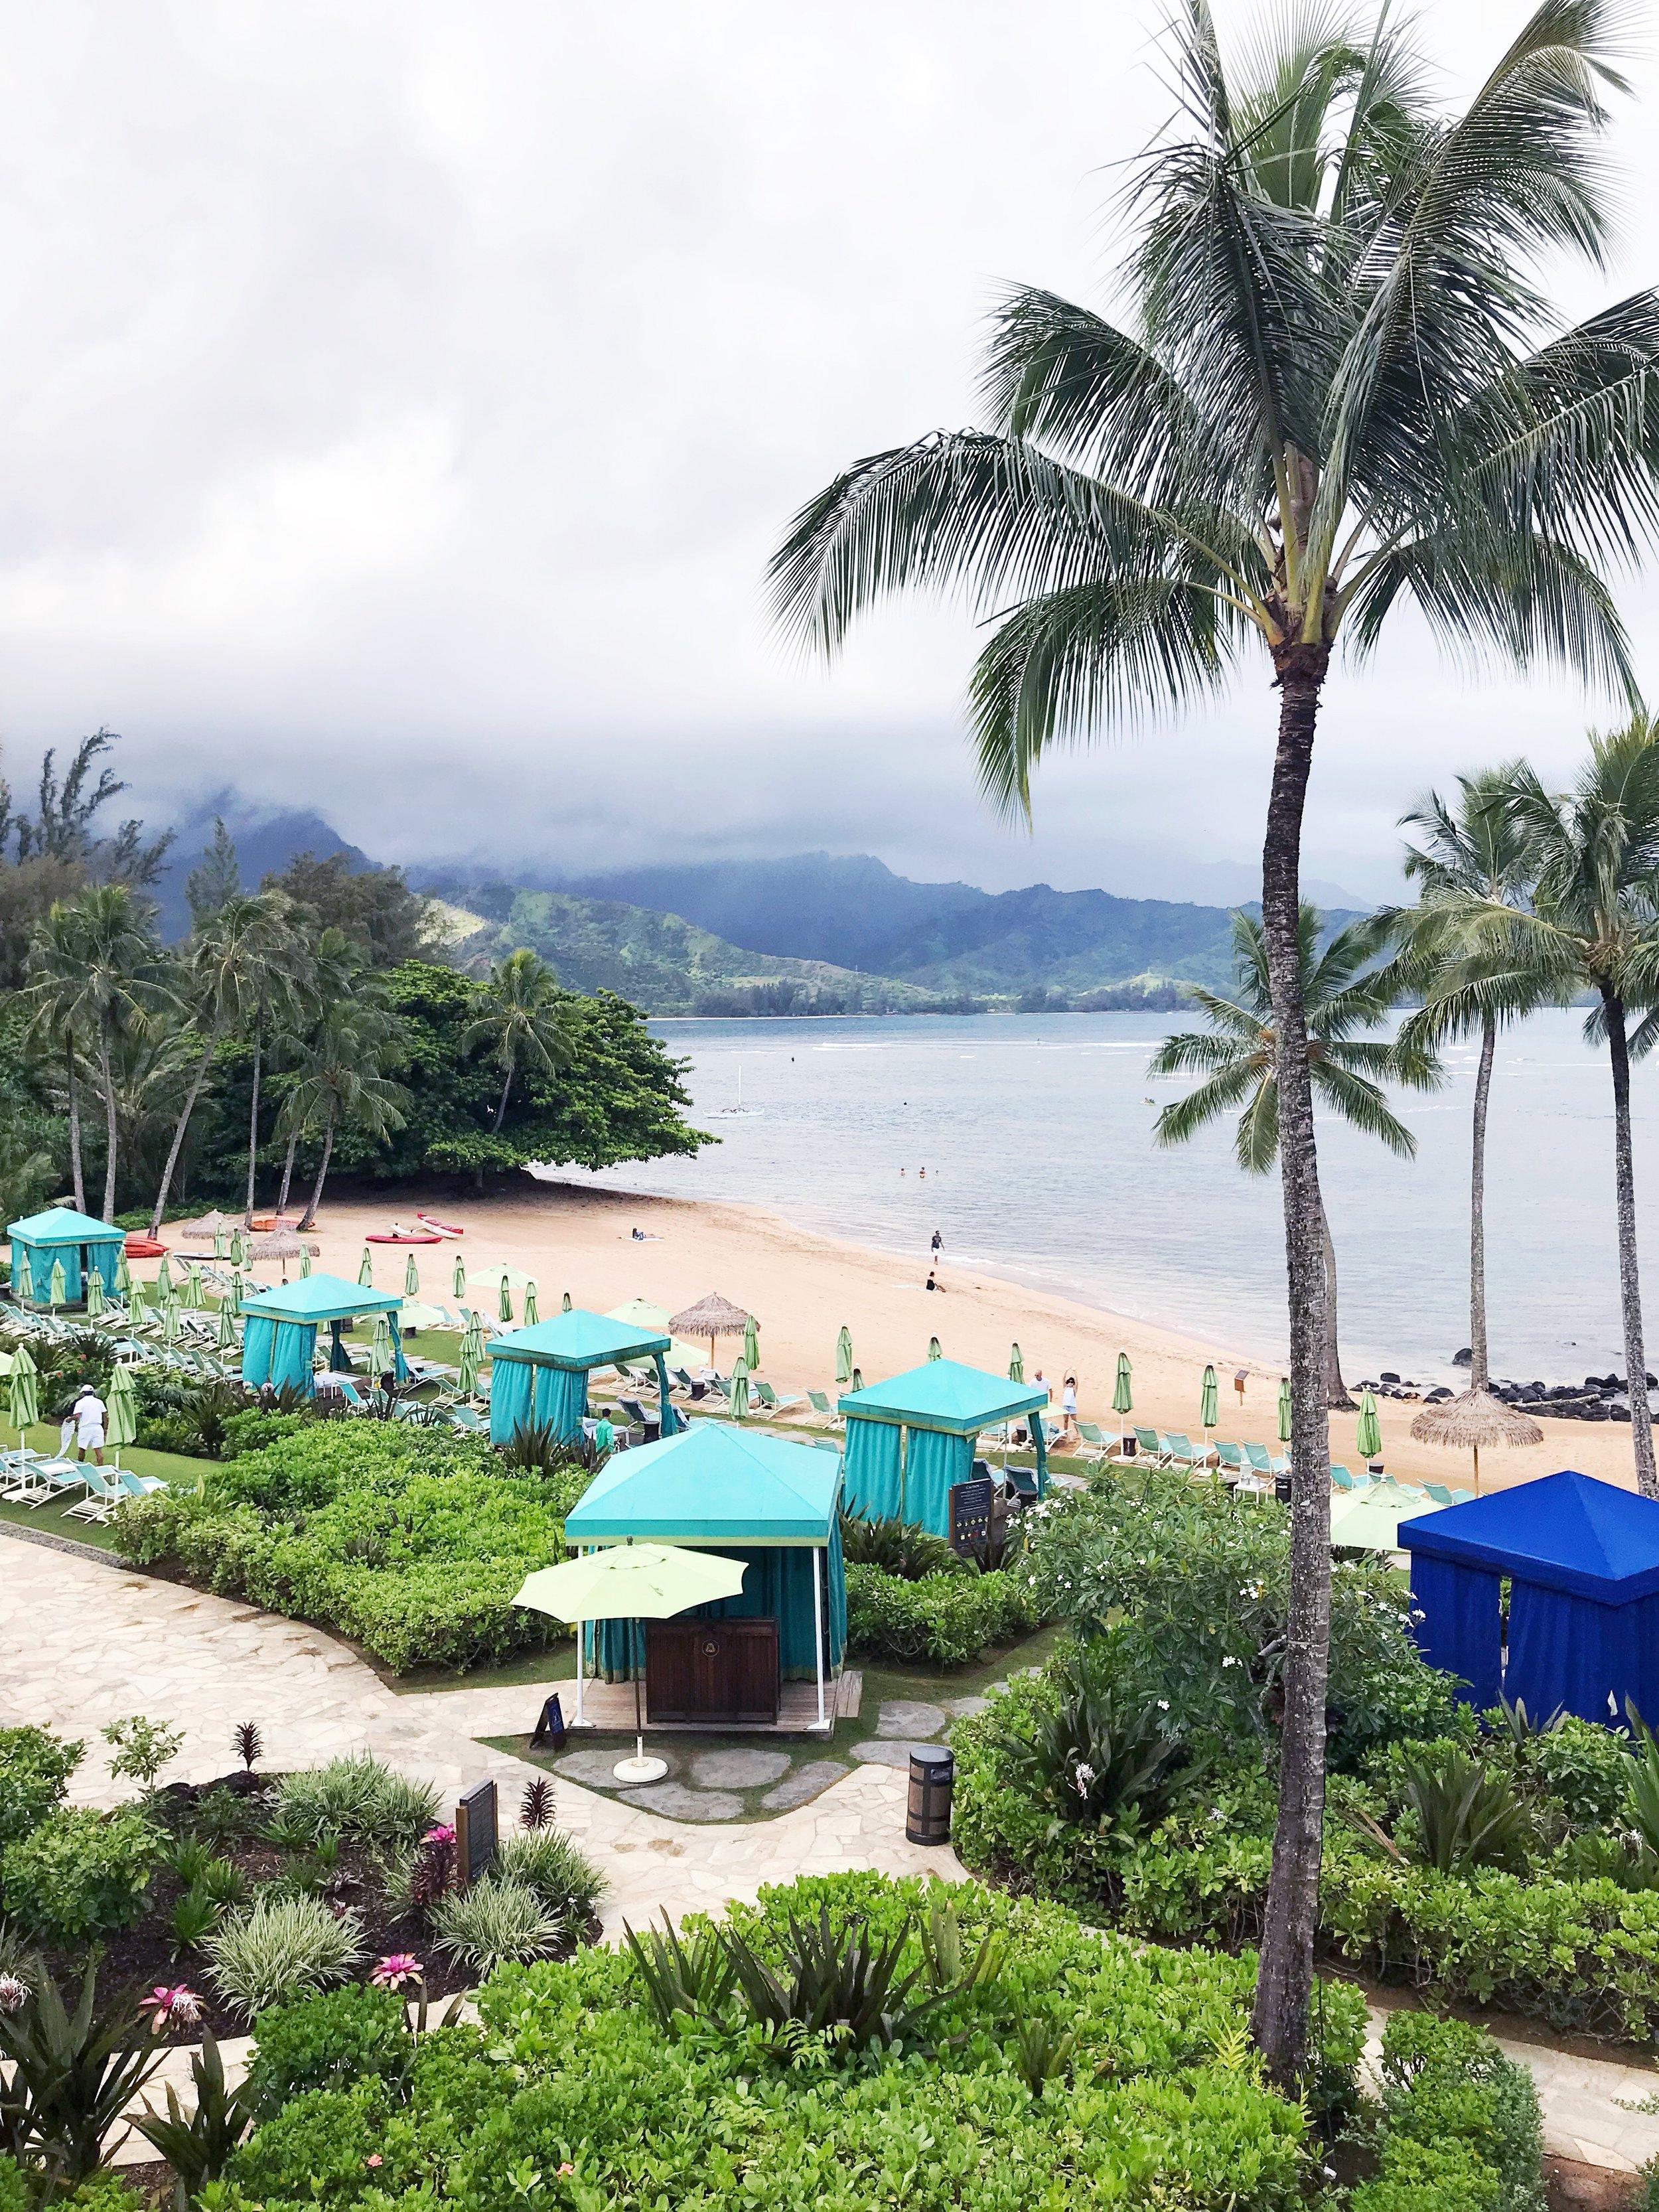 Cloudy_Kauai